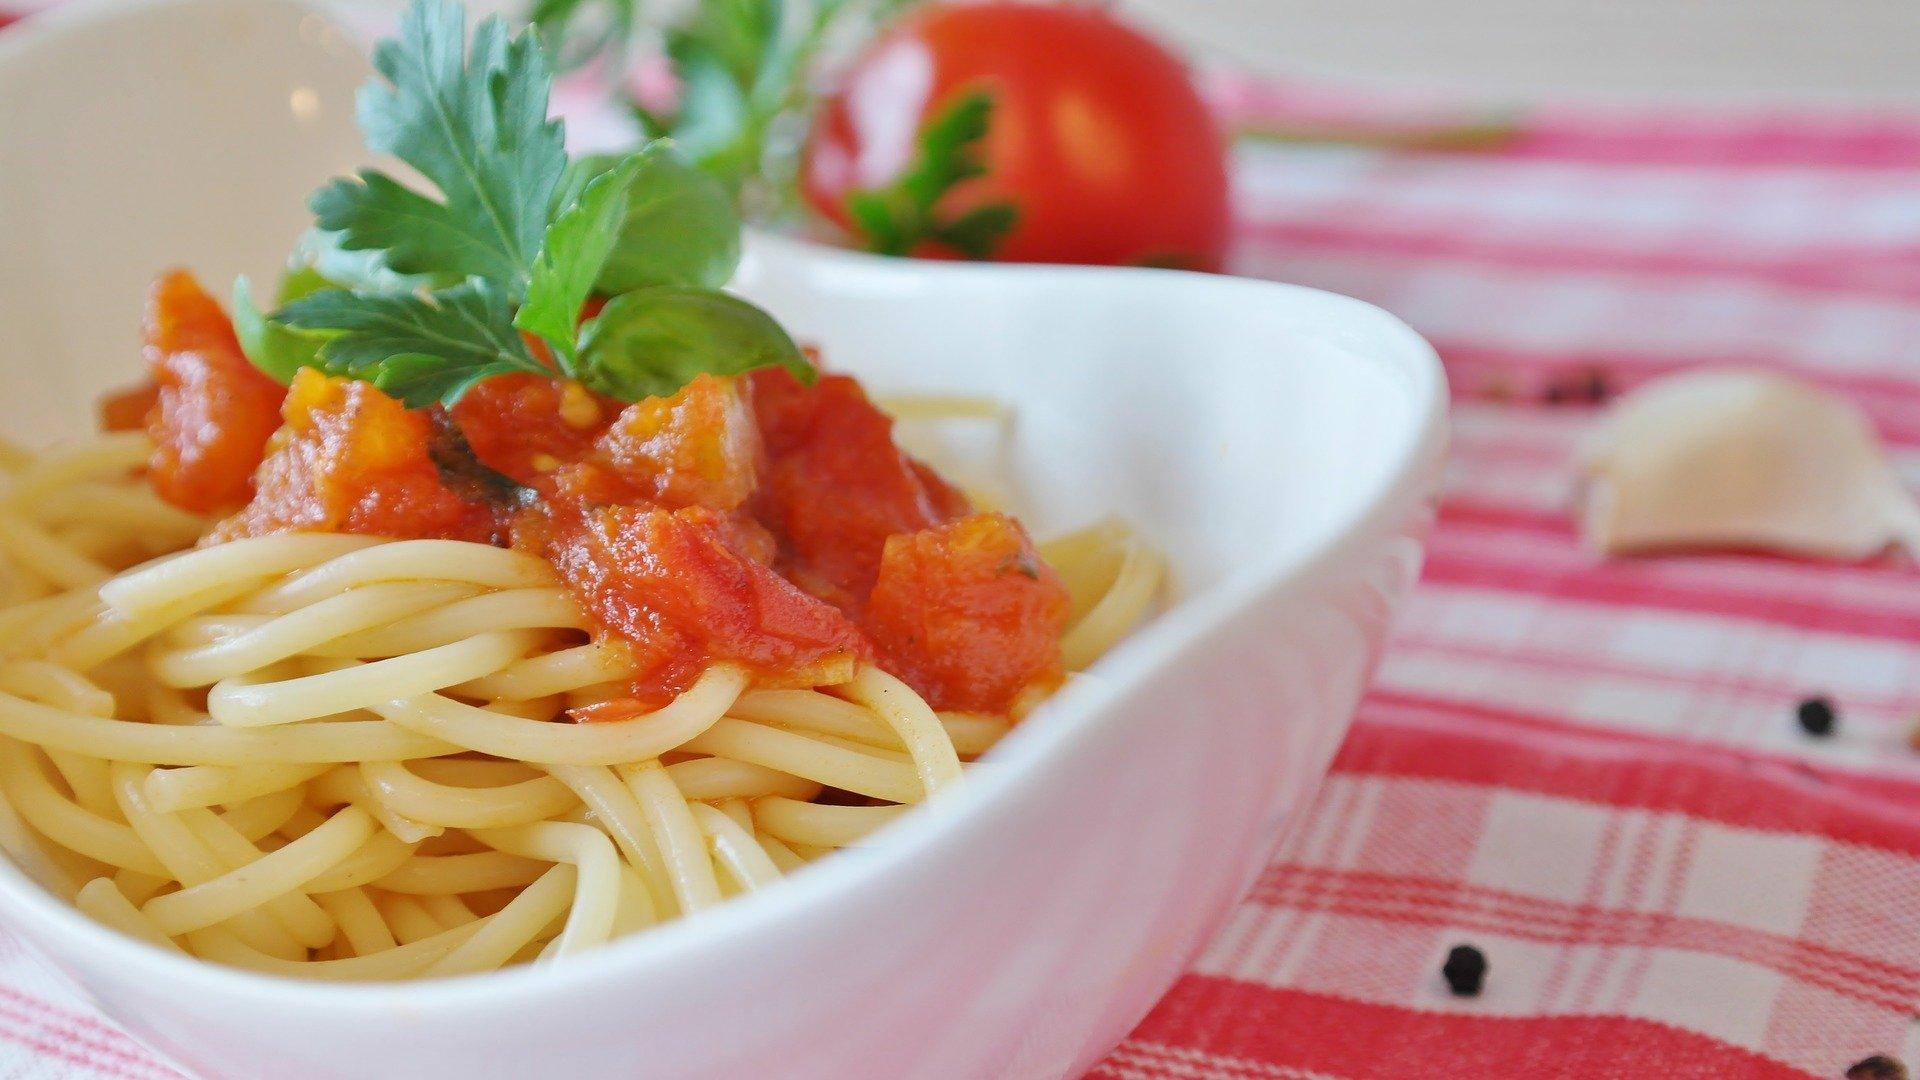 Das perfekte Grundrezept: So machen Sie Ihre Tomatensoße selber